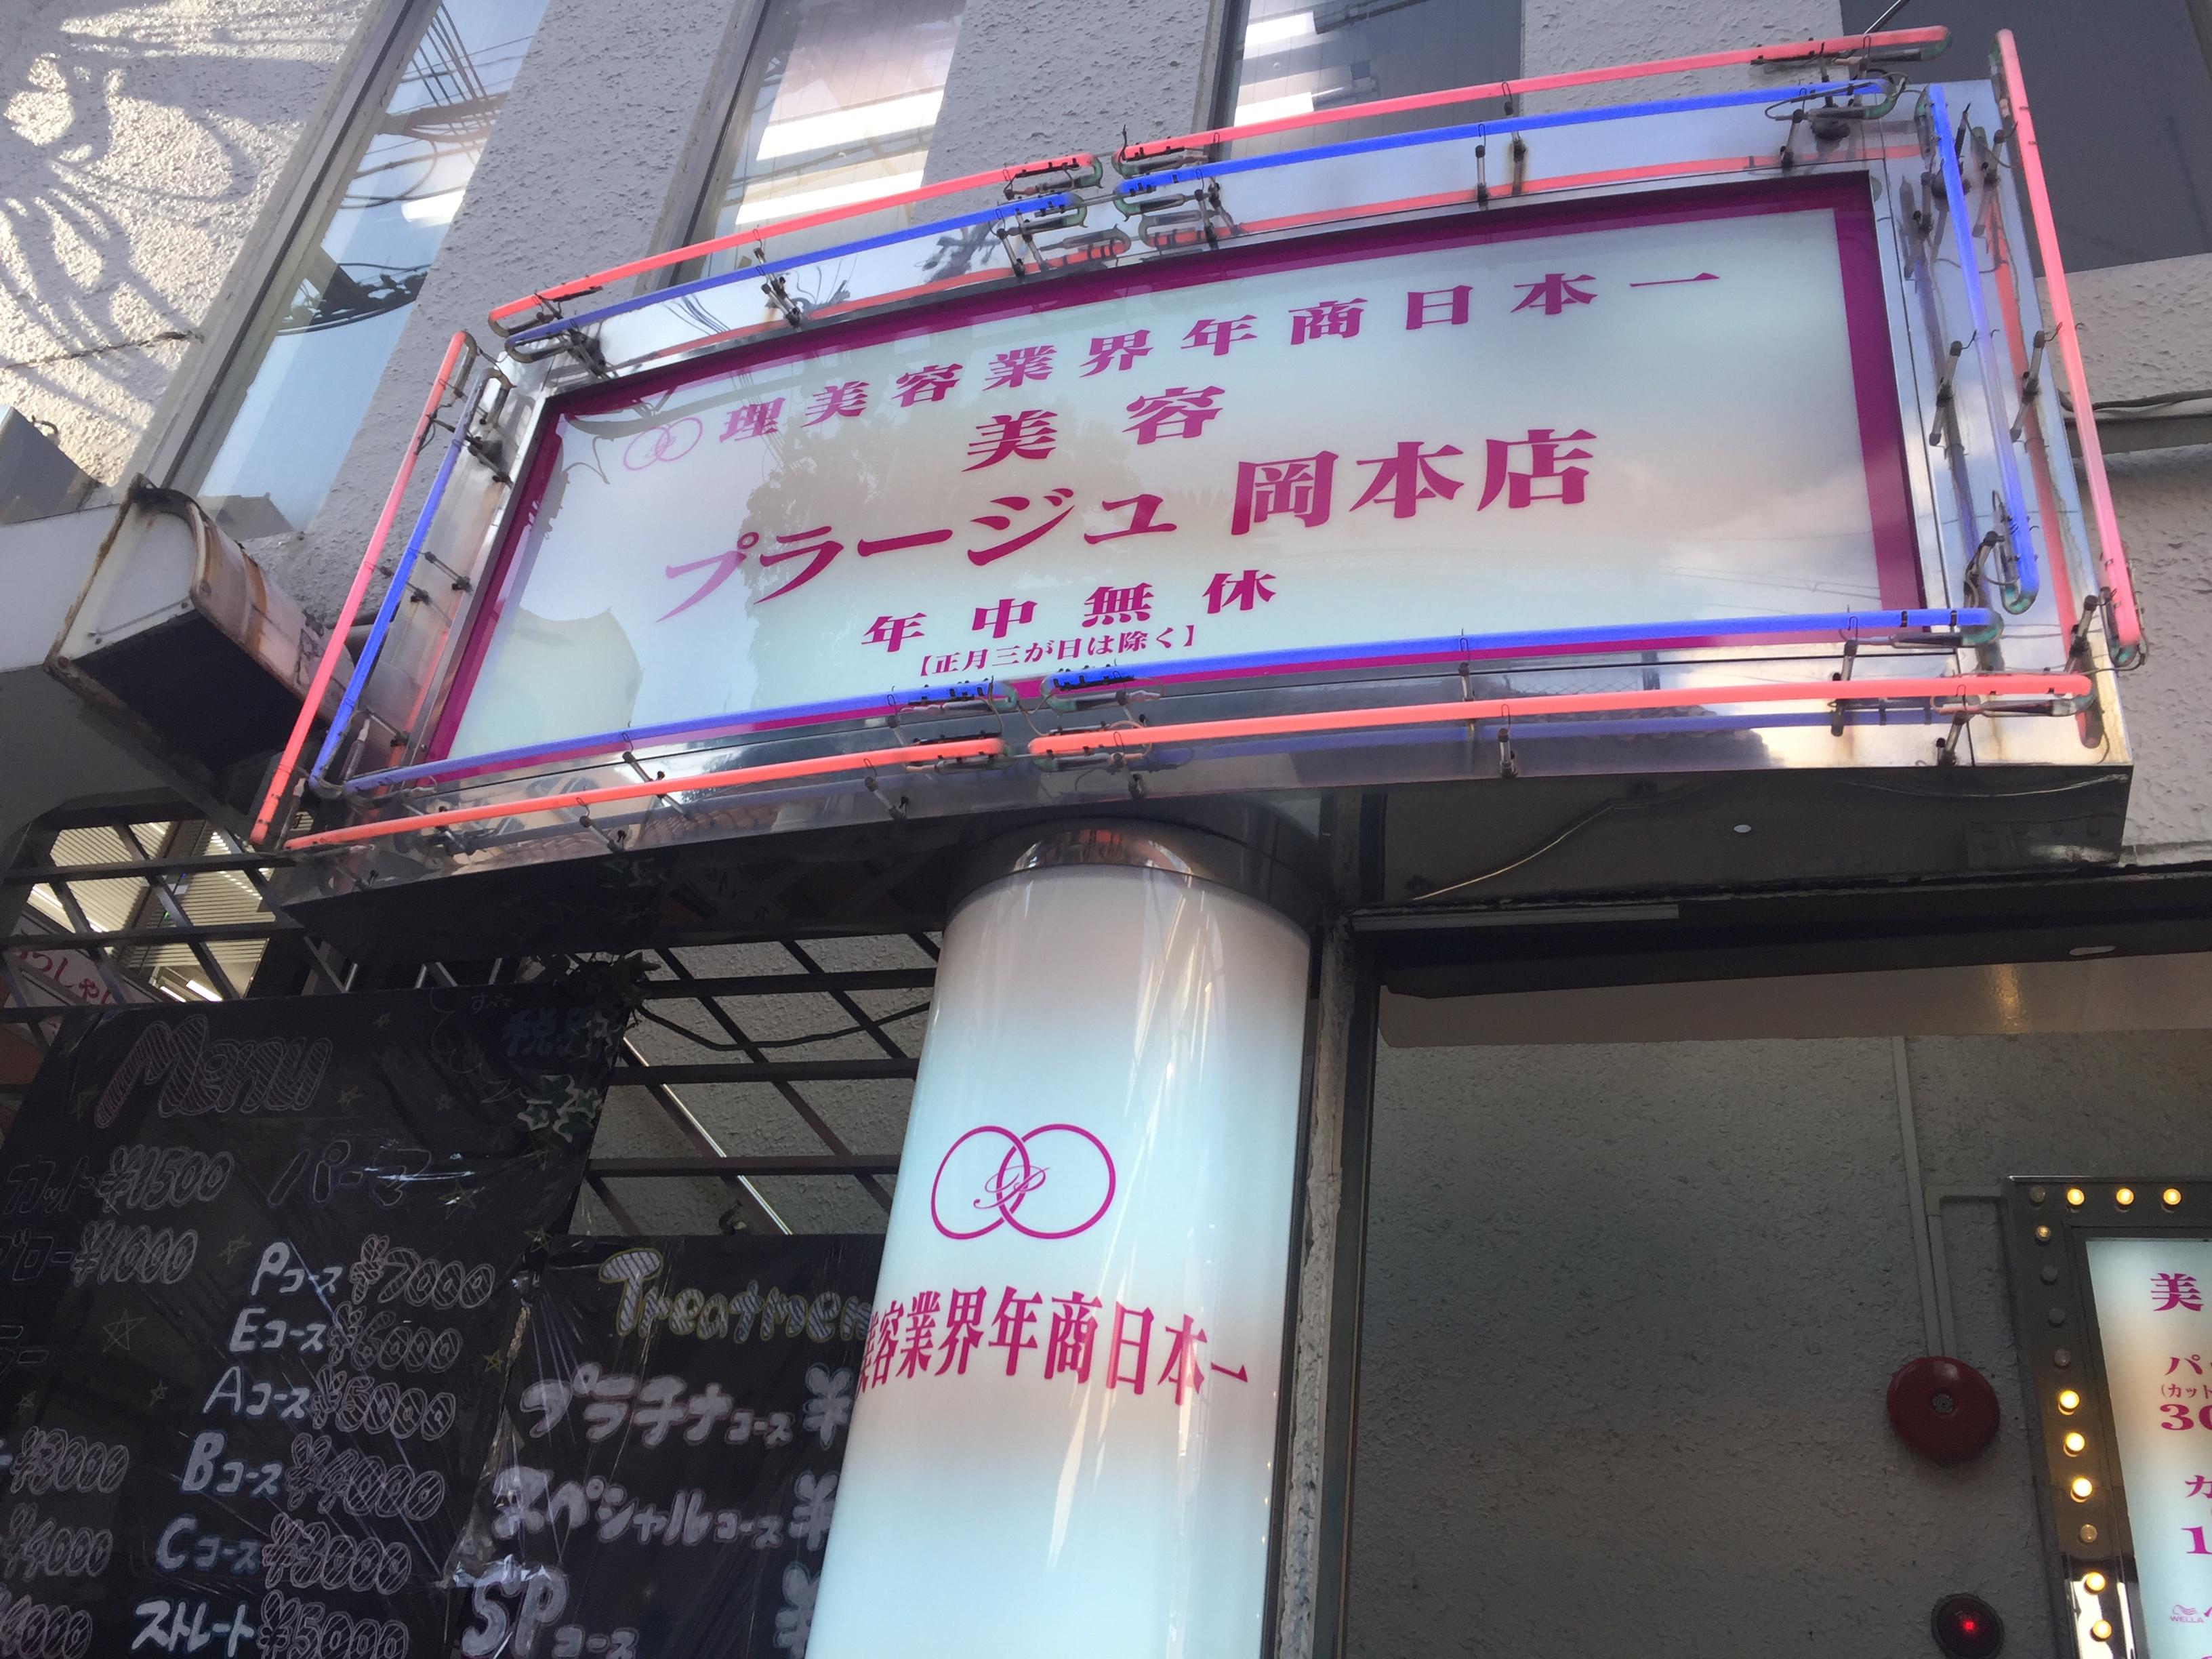 神戸・岡本の「美容プラージュ岡本店」が12月31日で閉店するよ【お知らせ】